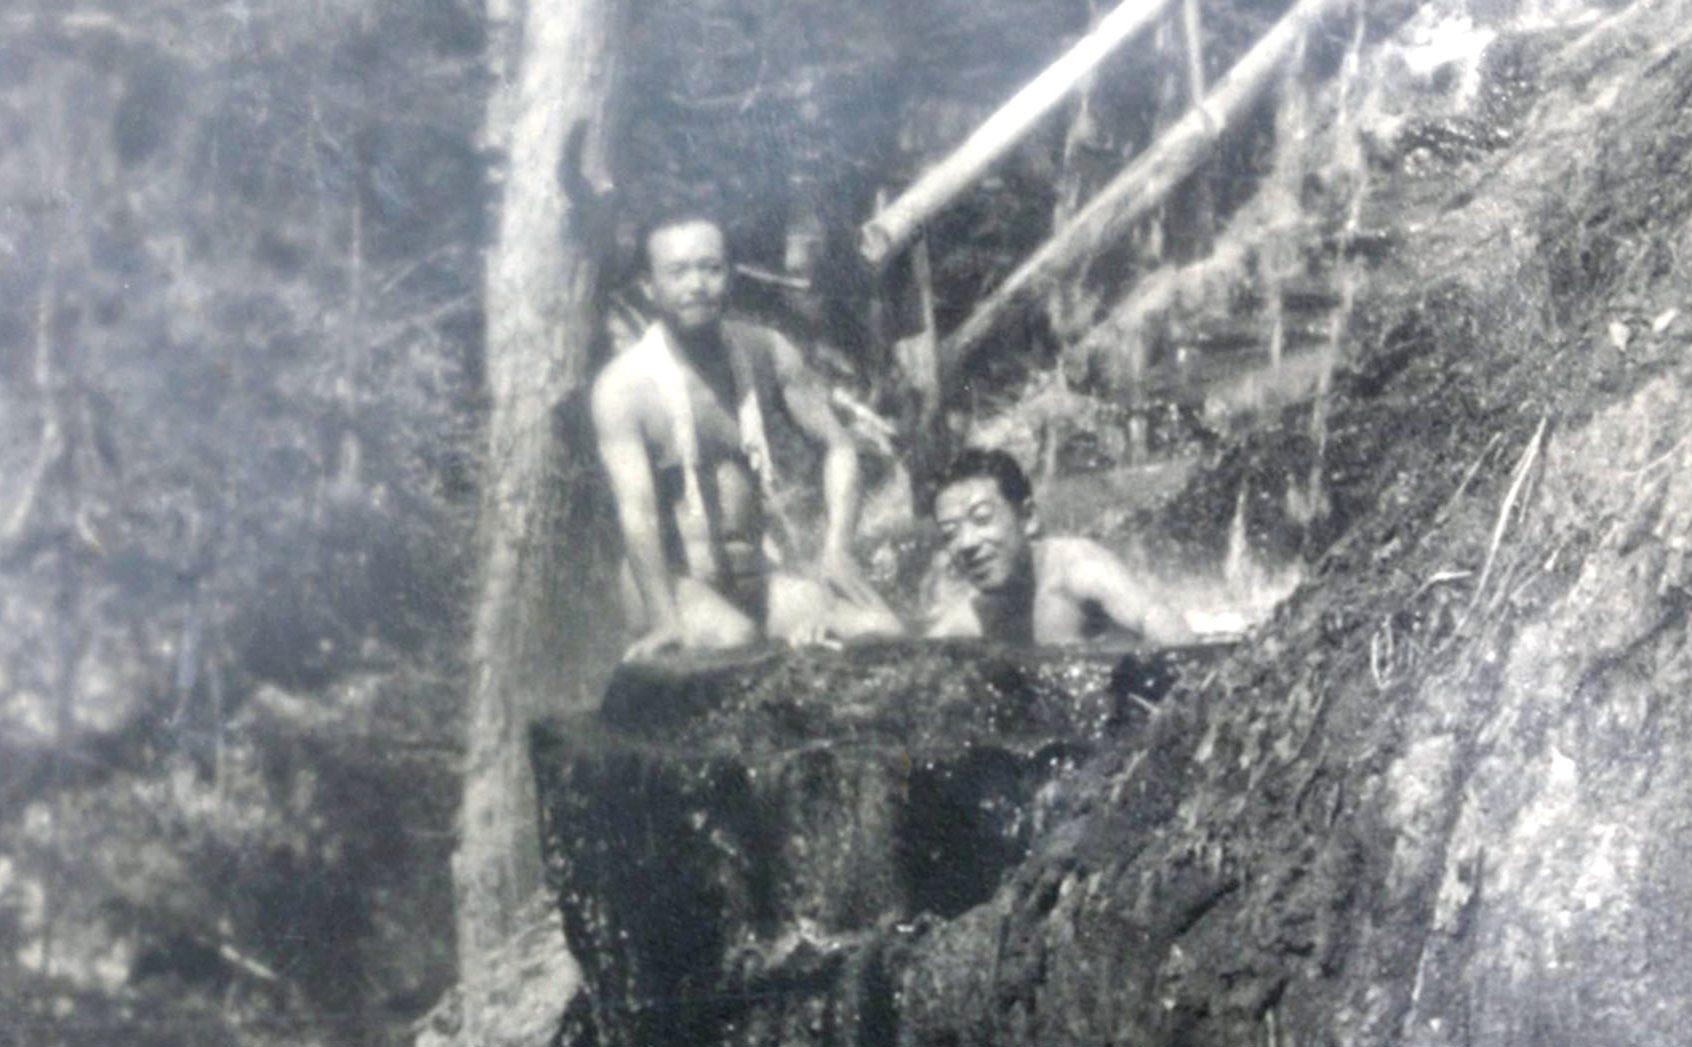 ぬかびら源泉郷の開湯から100年その起源と歴史を改めて振り返る